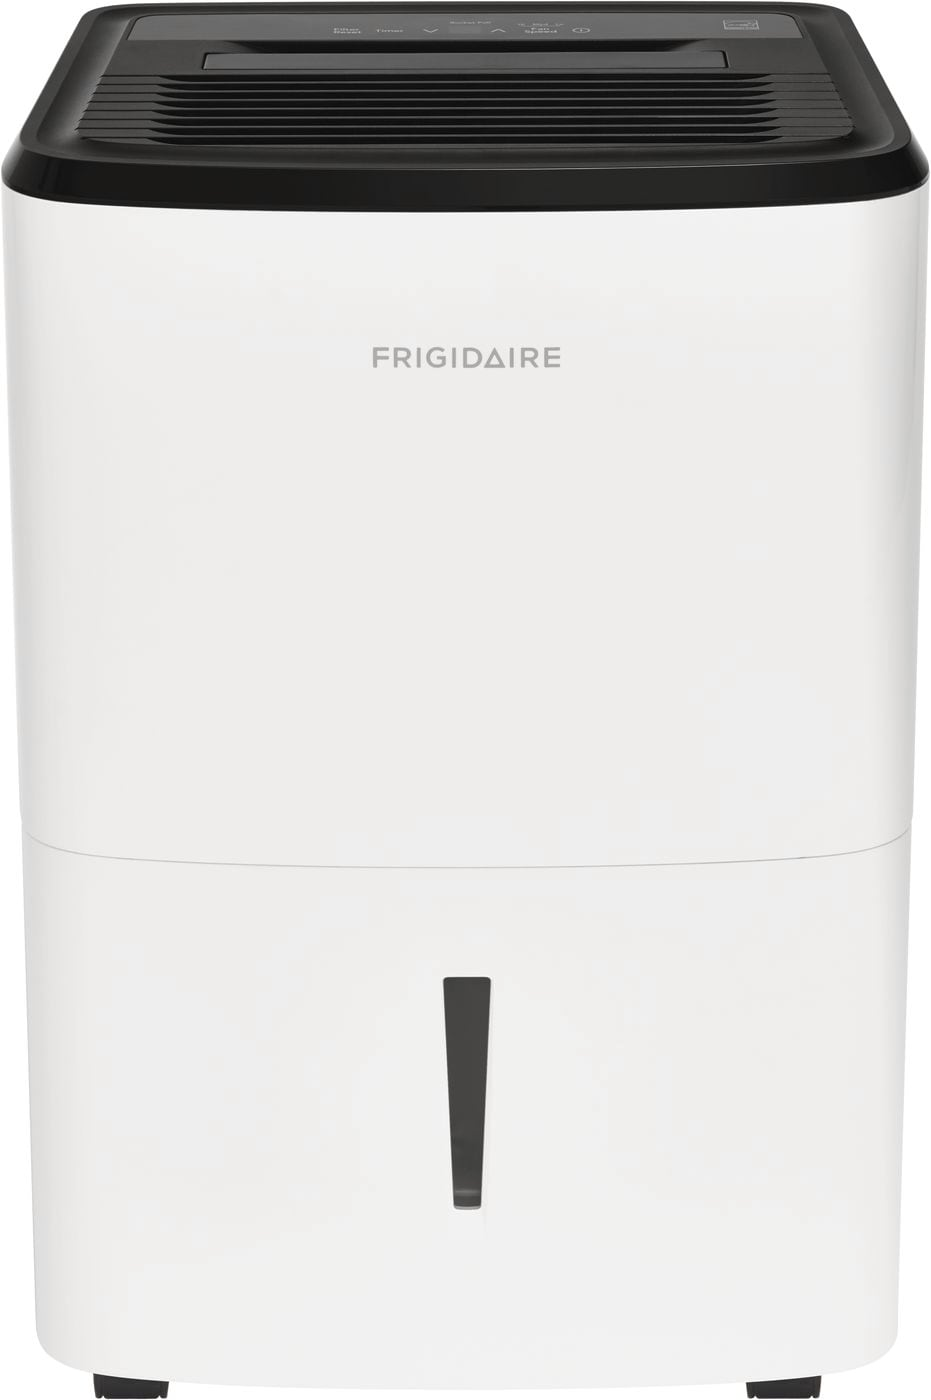 Frigidaire FFAD5033W1 50 Pint Dehumidifier - Energy Star